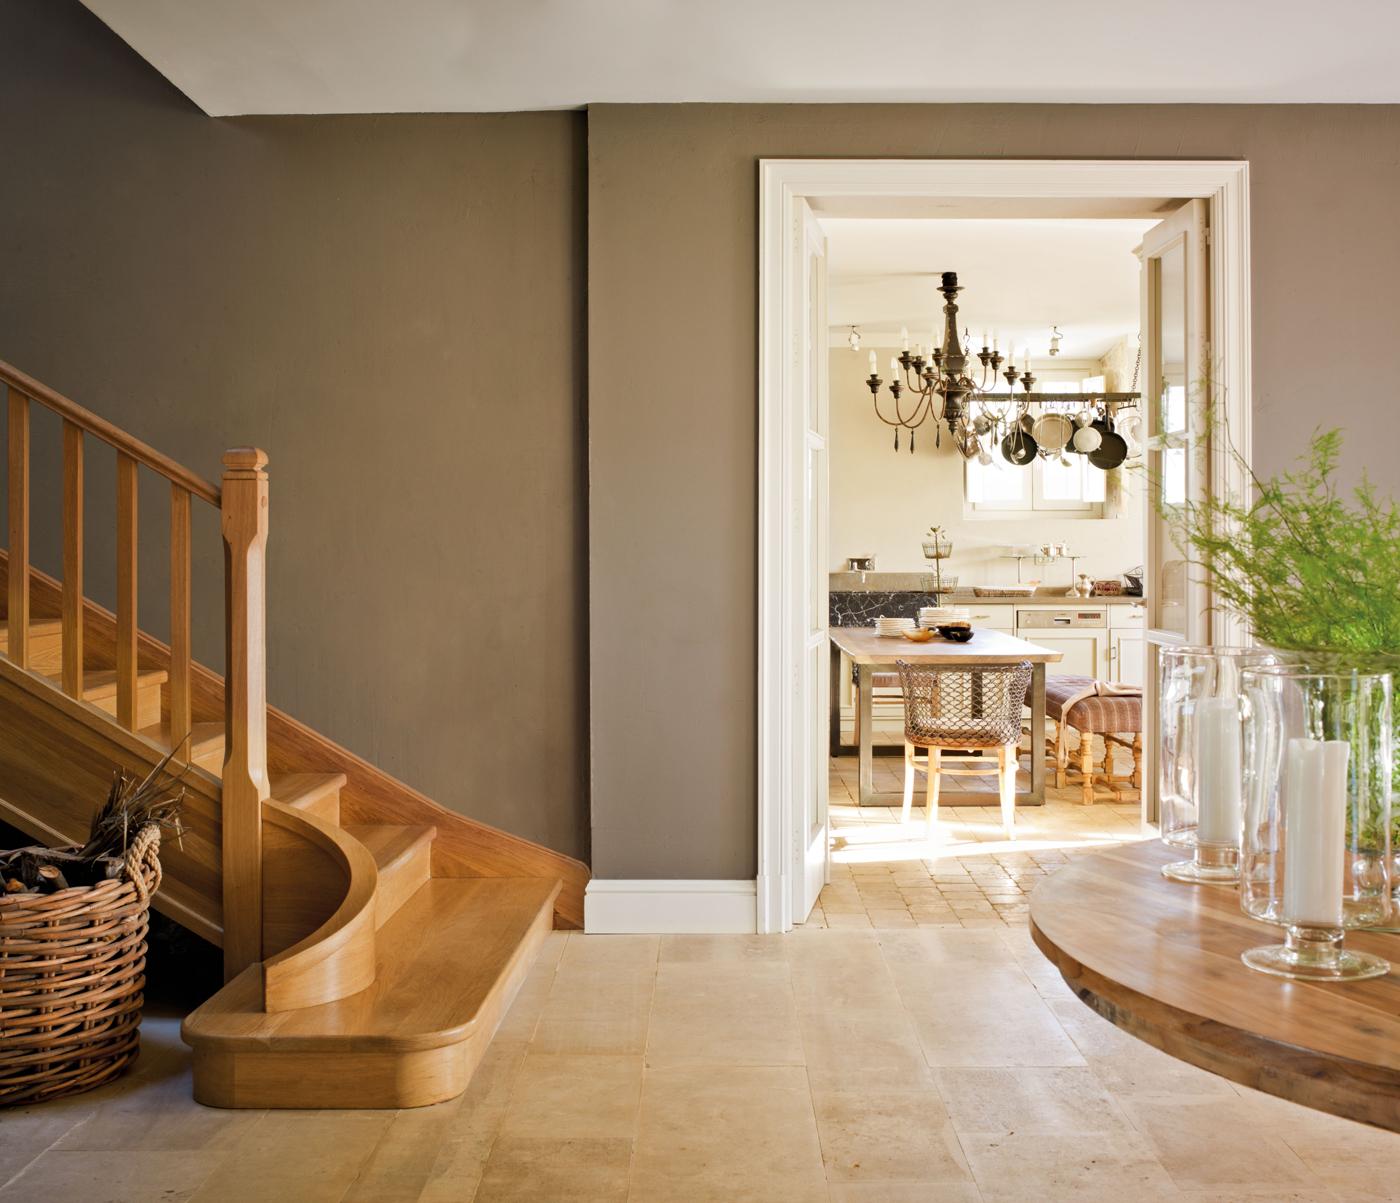 Decora tu casa con molduras y z calos - Zocalos para paredes interiores ...